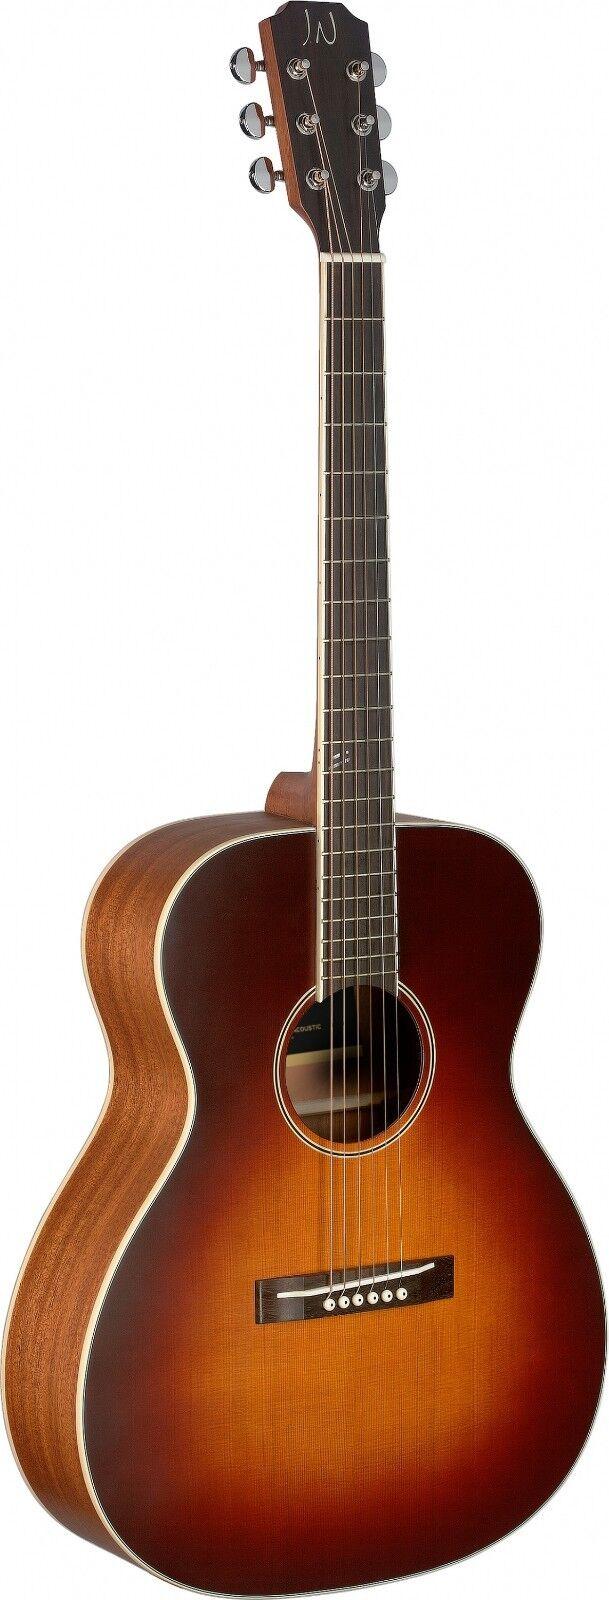 James Neligan ezr-om la guitarra acústica Ezra serie serie serie Orchestra modelo Massive manta ff97e7